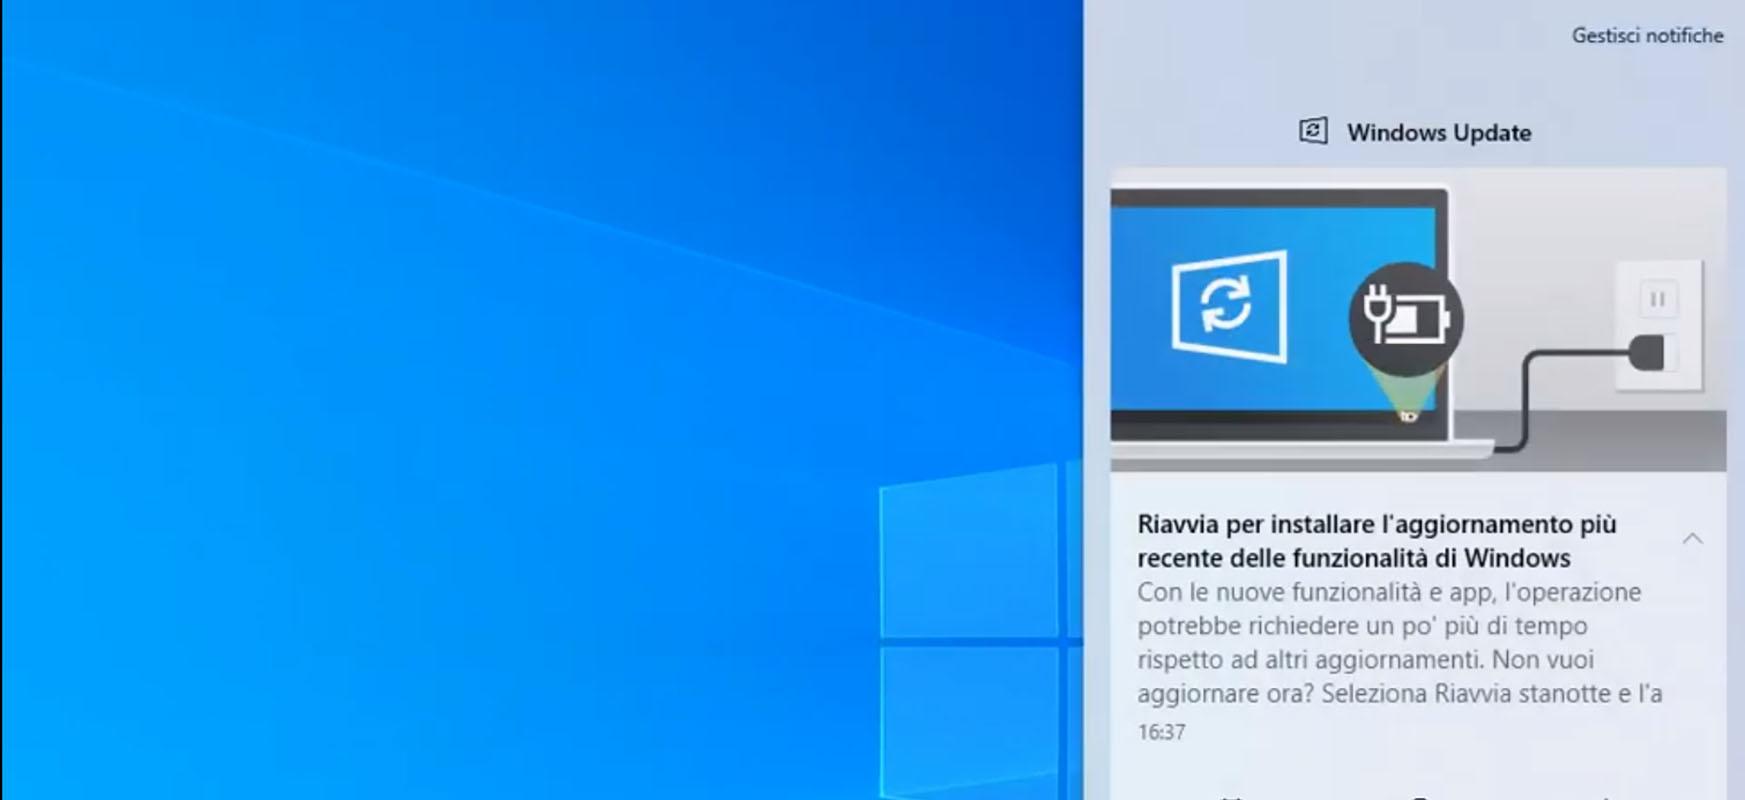 Windows eguneratzeen jakinarazpen argiagoa.  Ordenagailua noiz funtzionatuko duen erabakitzen duzu